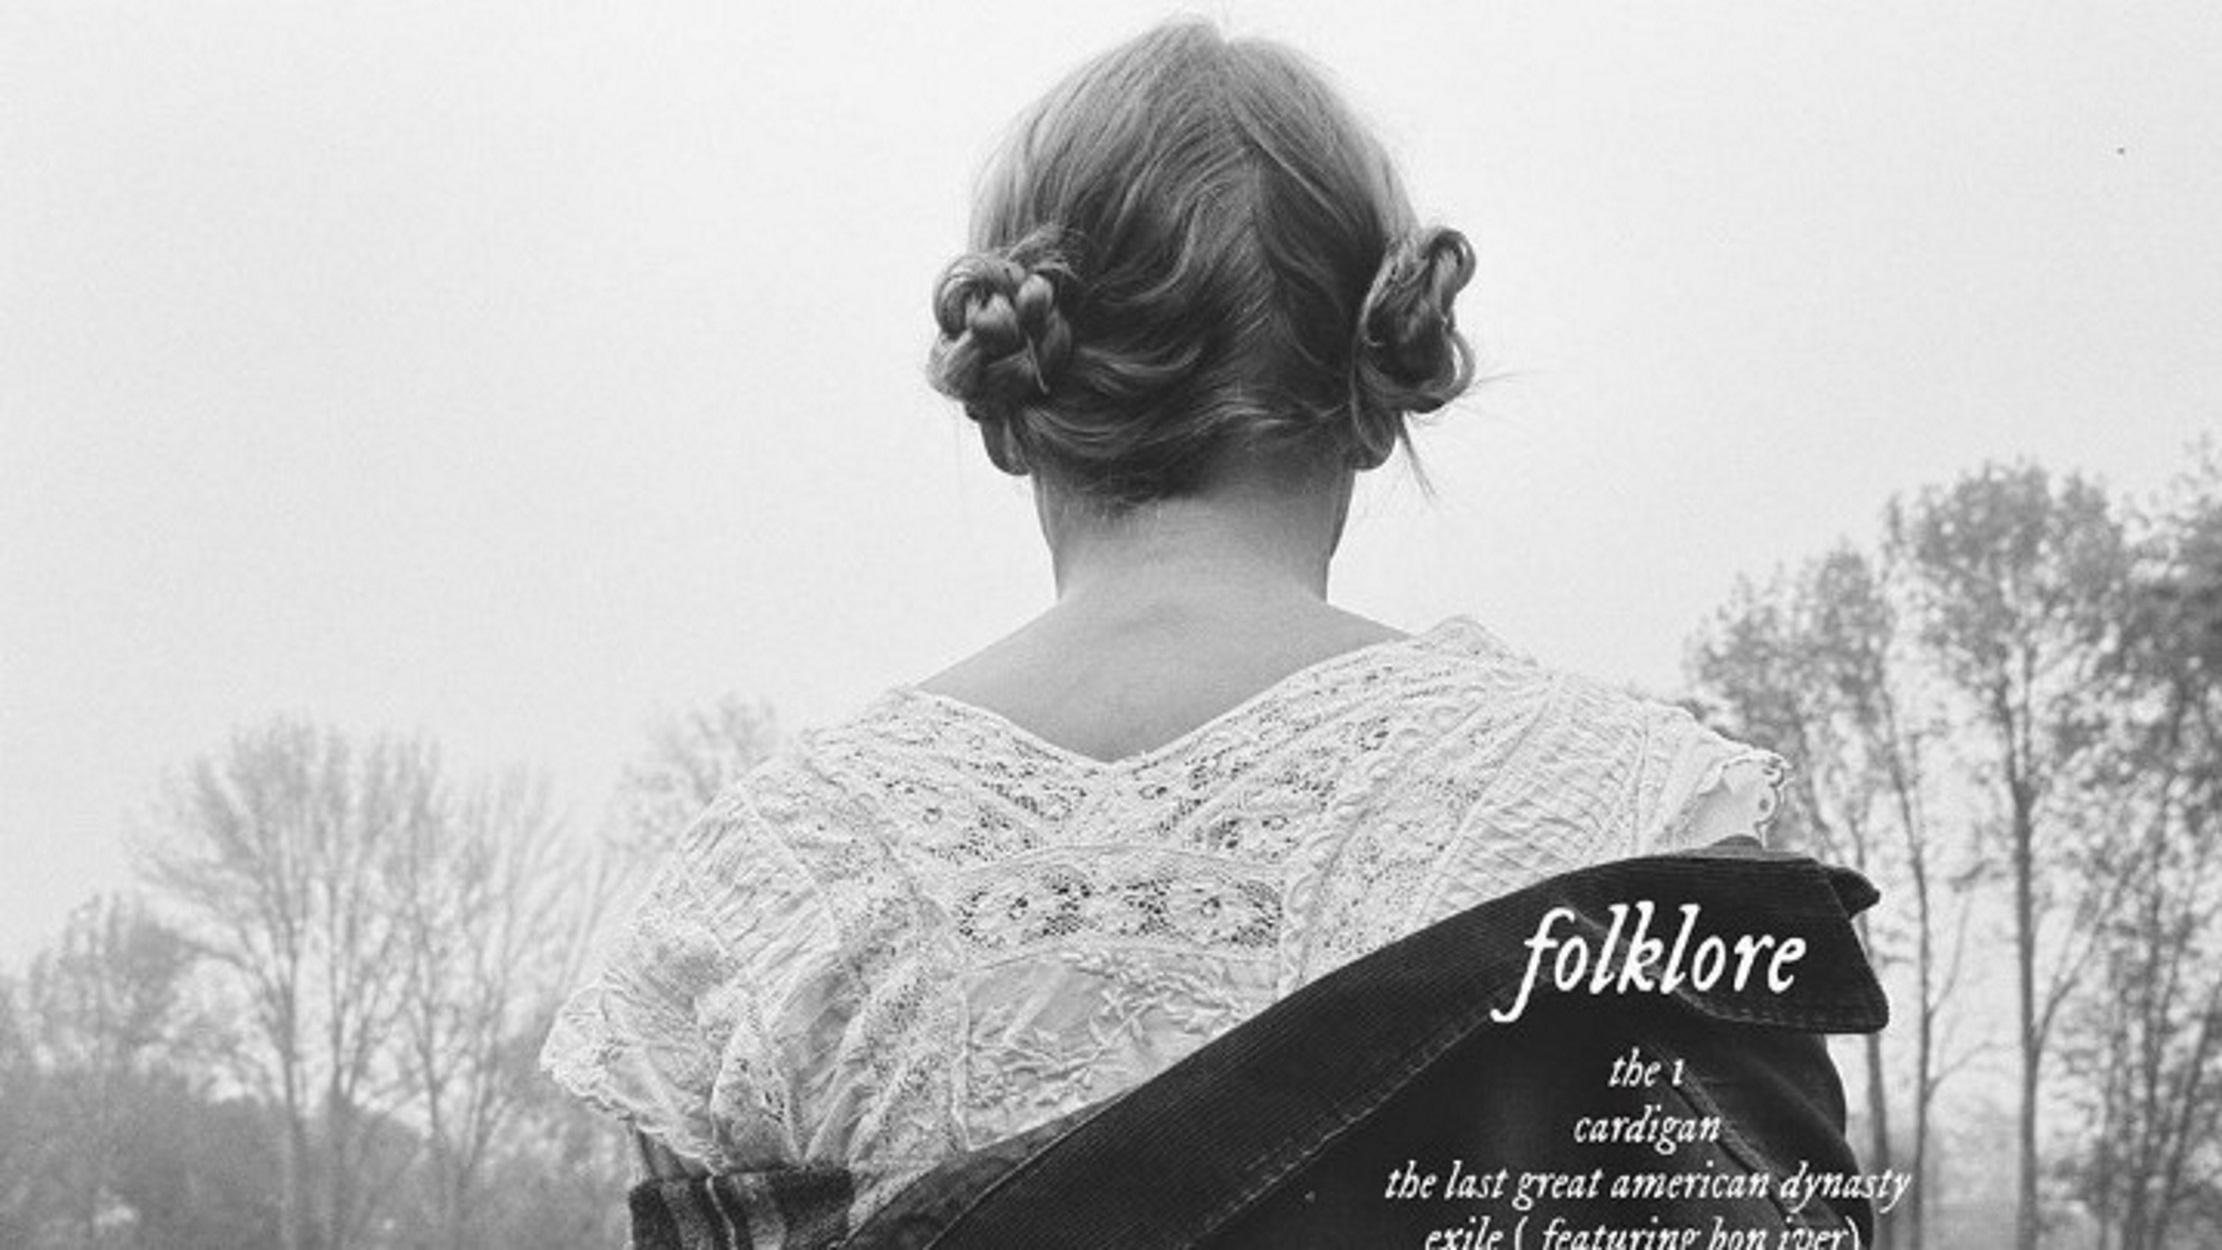 Τέιλορ Σουίφτ: Αλλάζει λογότυπο στα προϊόντα του «Folklore»